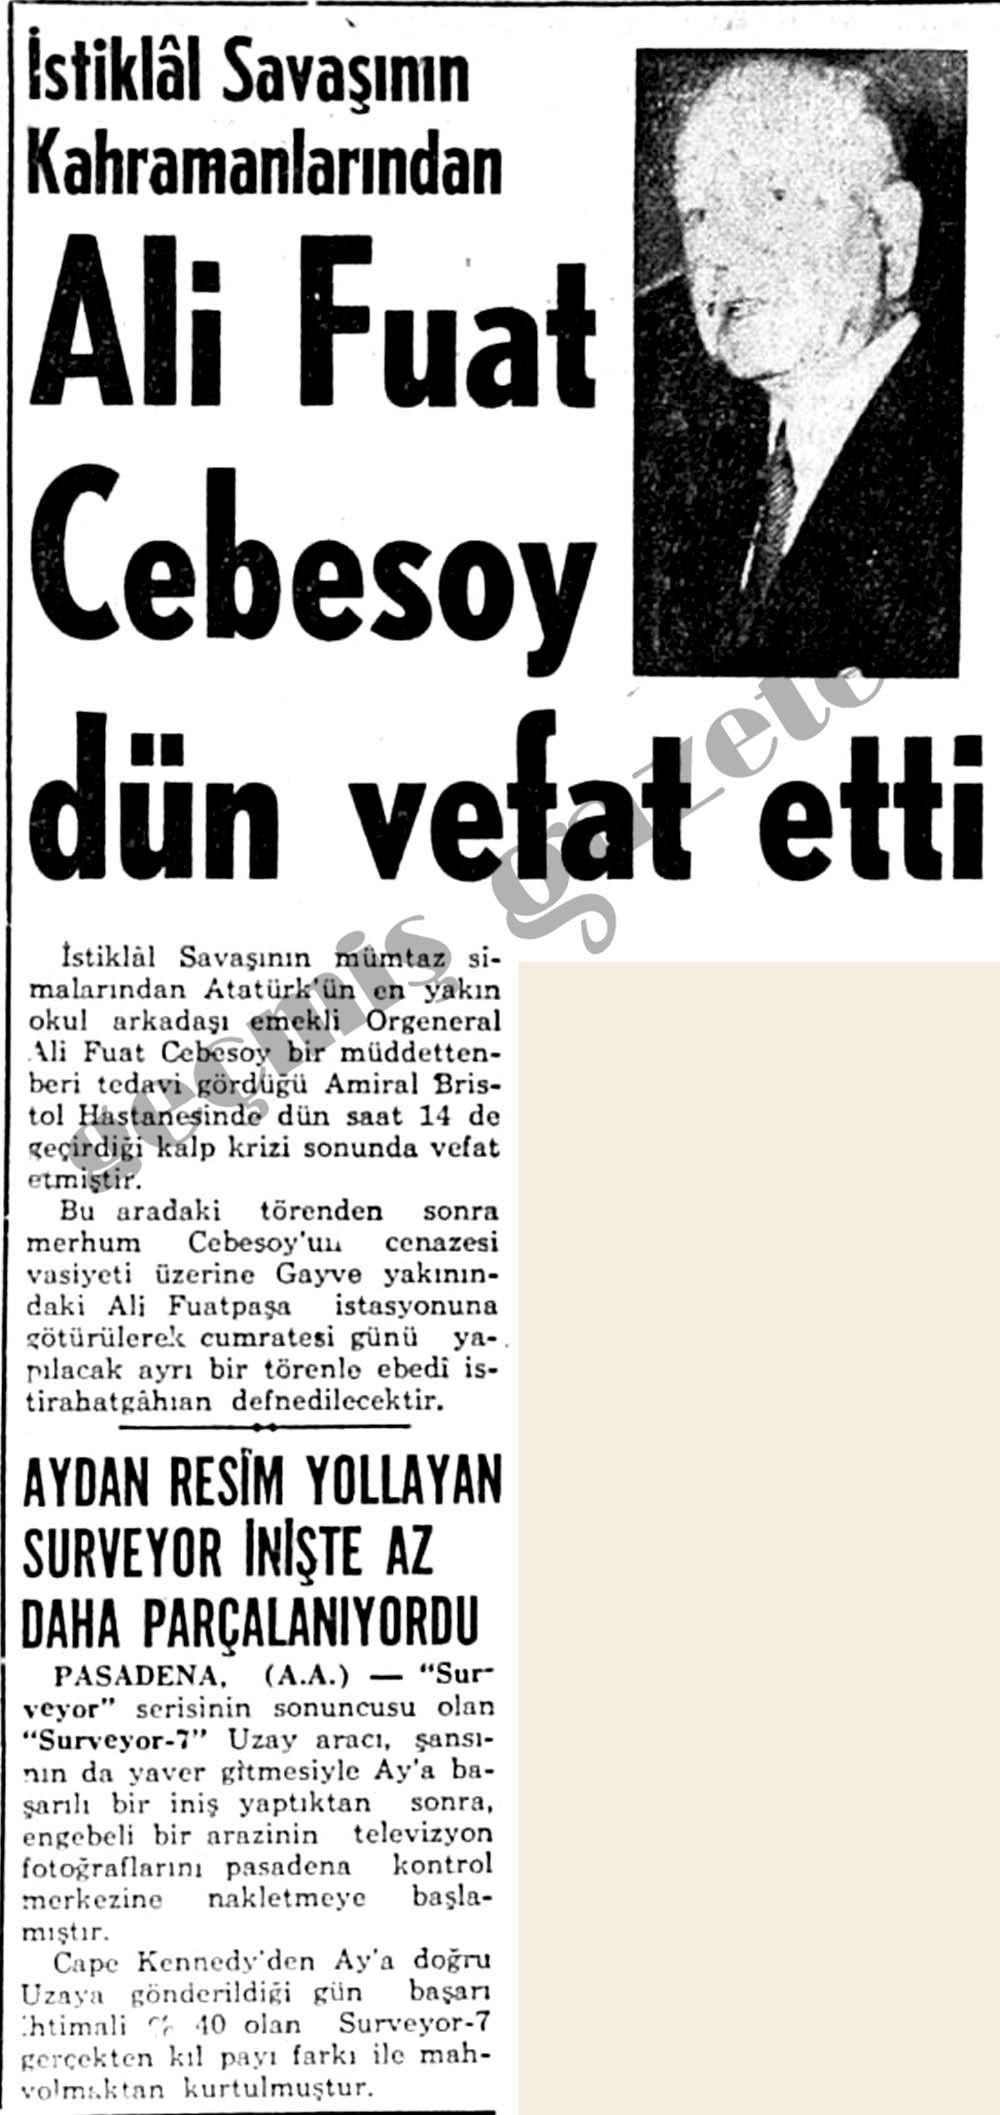 İstiklal Savaşının Kahramanlarından Ali Fuat Cebesoy dün vefat etti